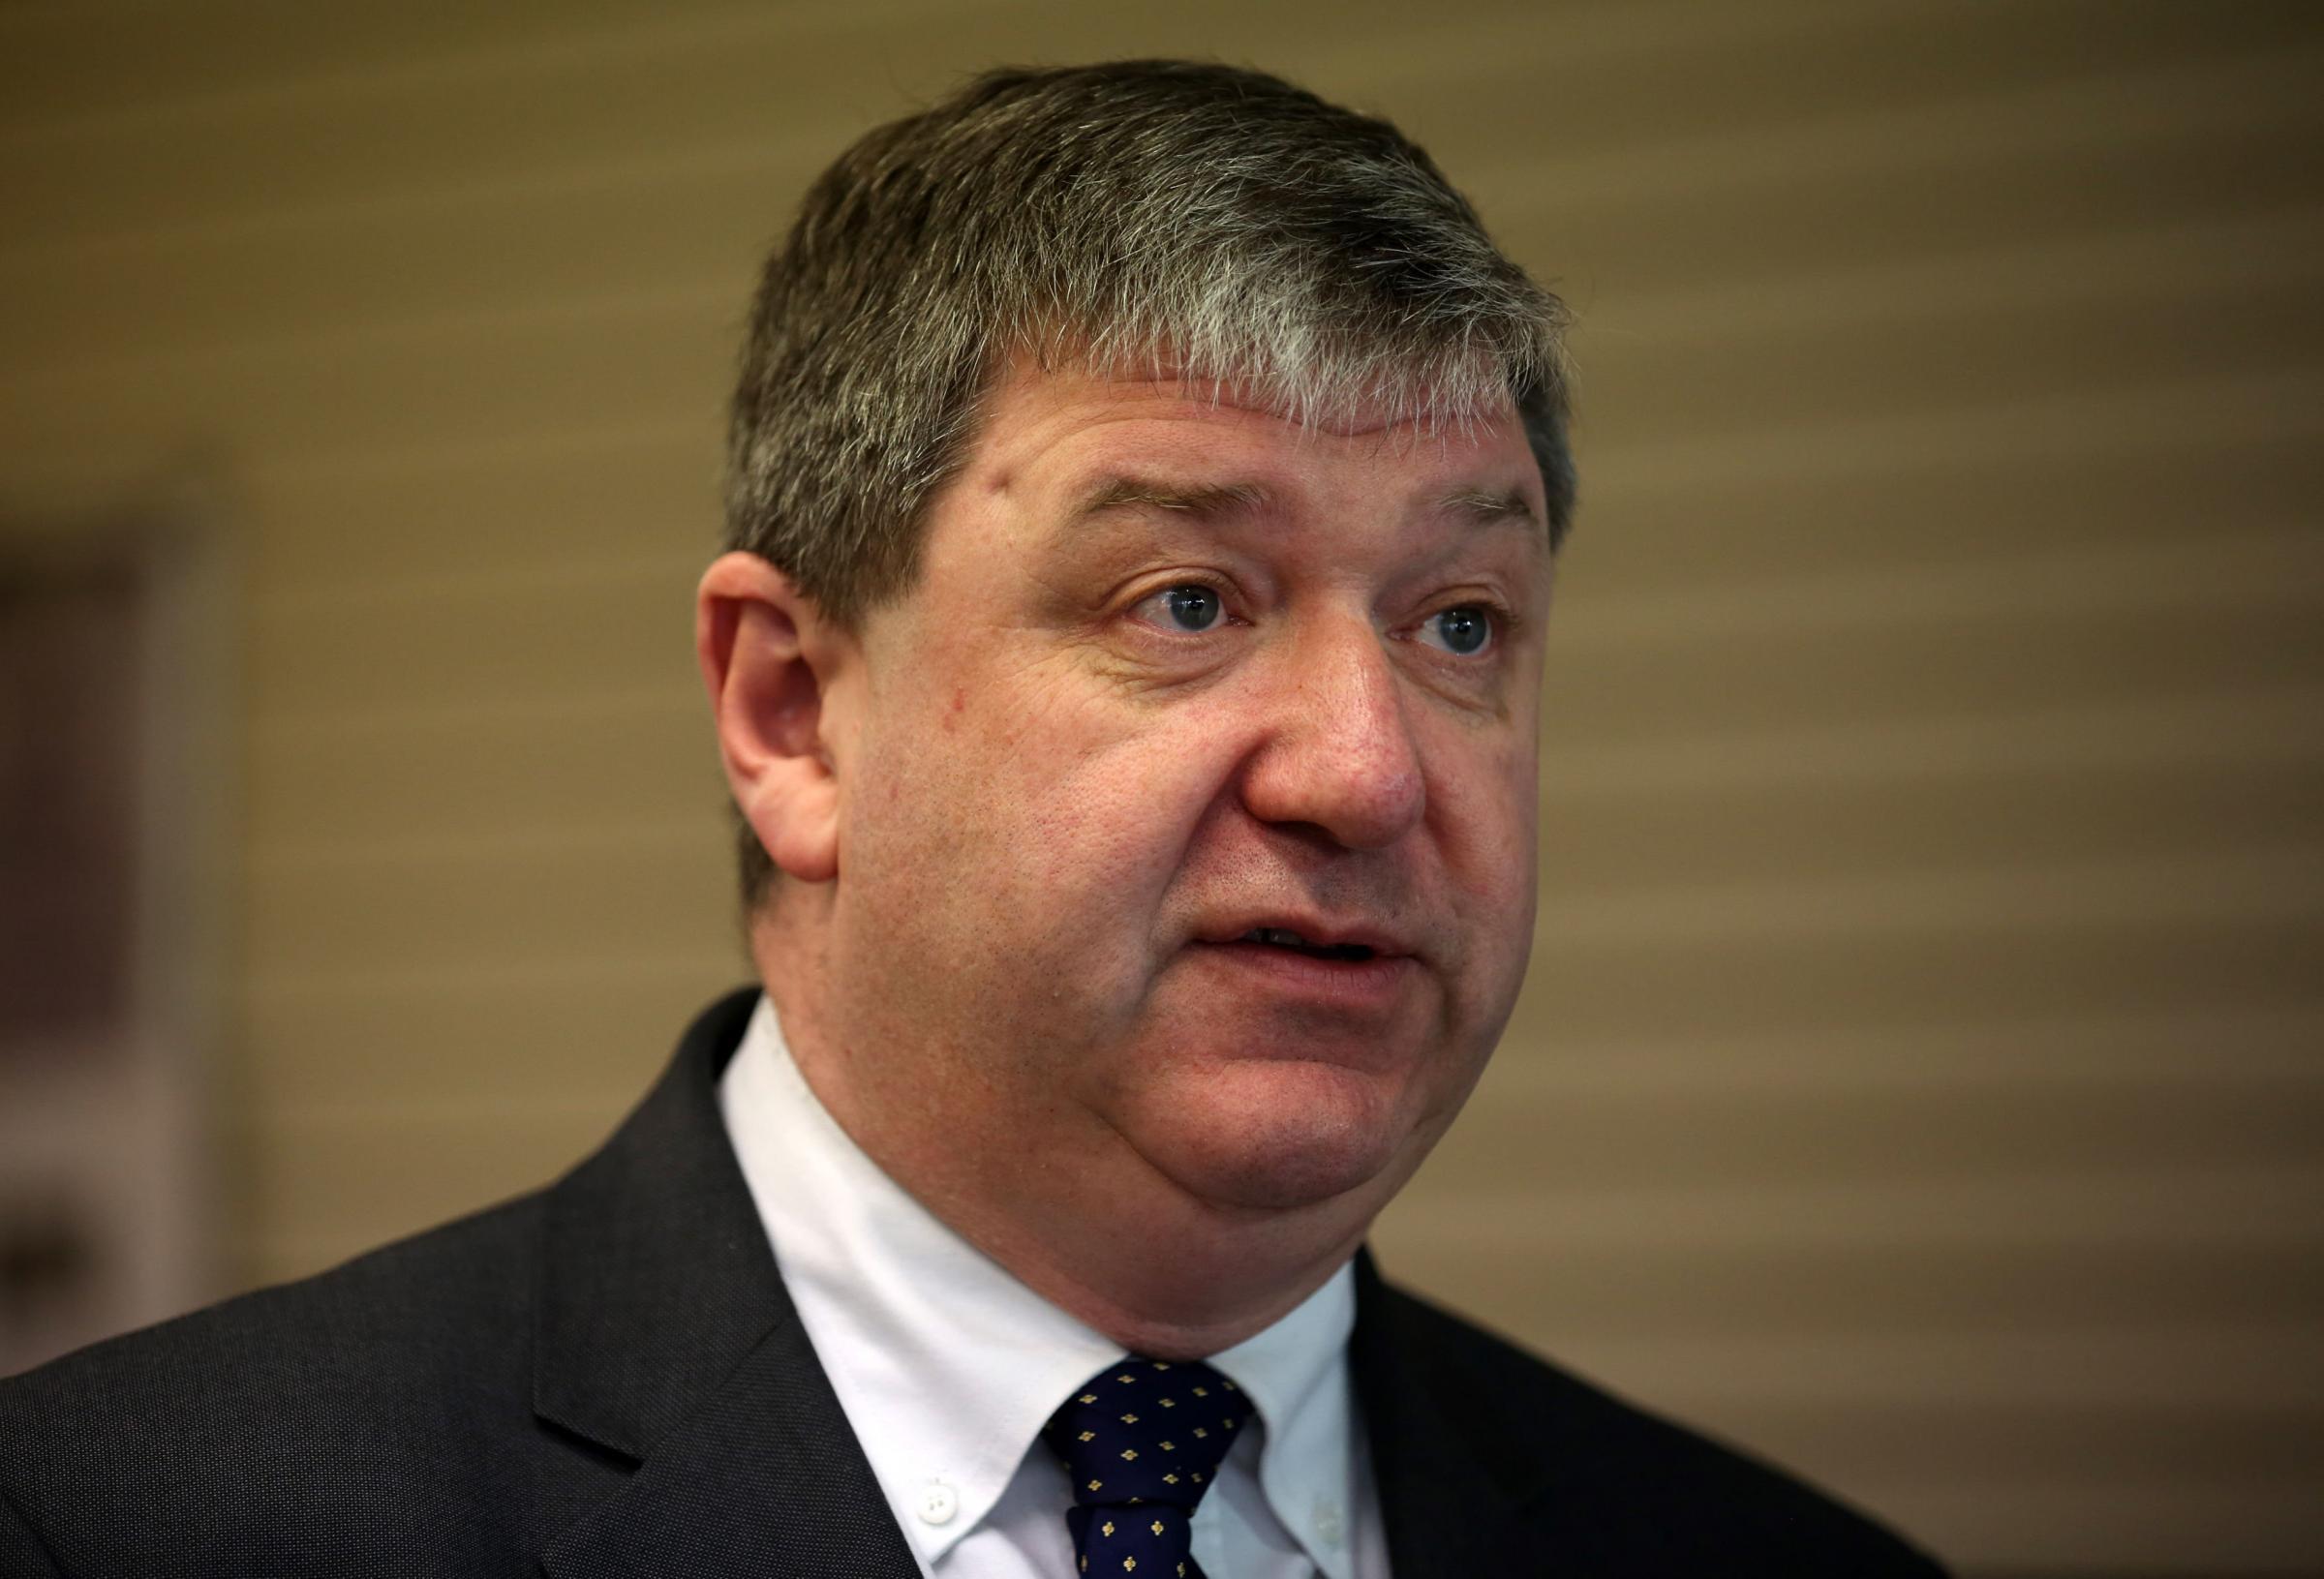 Sturgeon 'harus mengutamakan kepentingan nasional dan membatalkan rencana Indyref2'